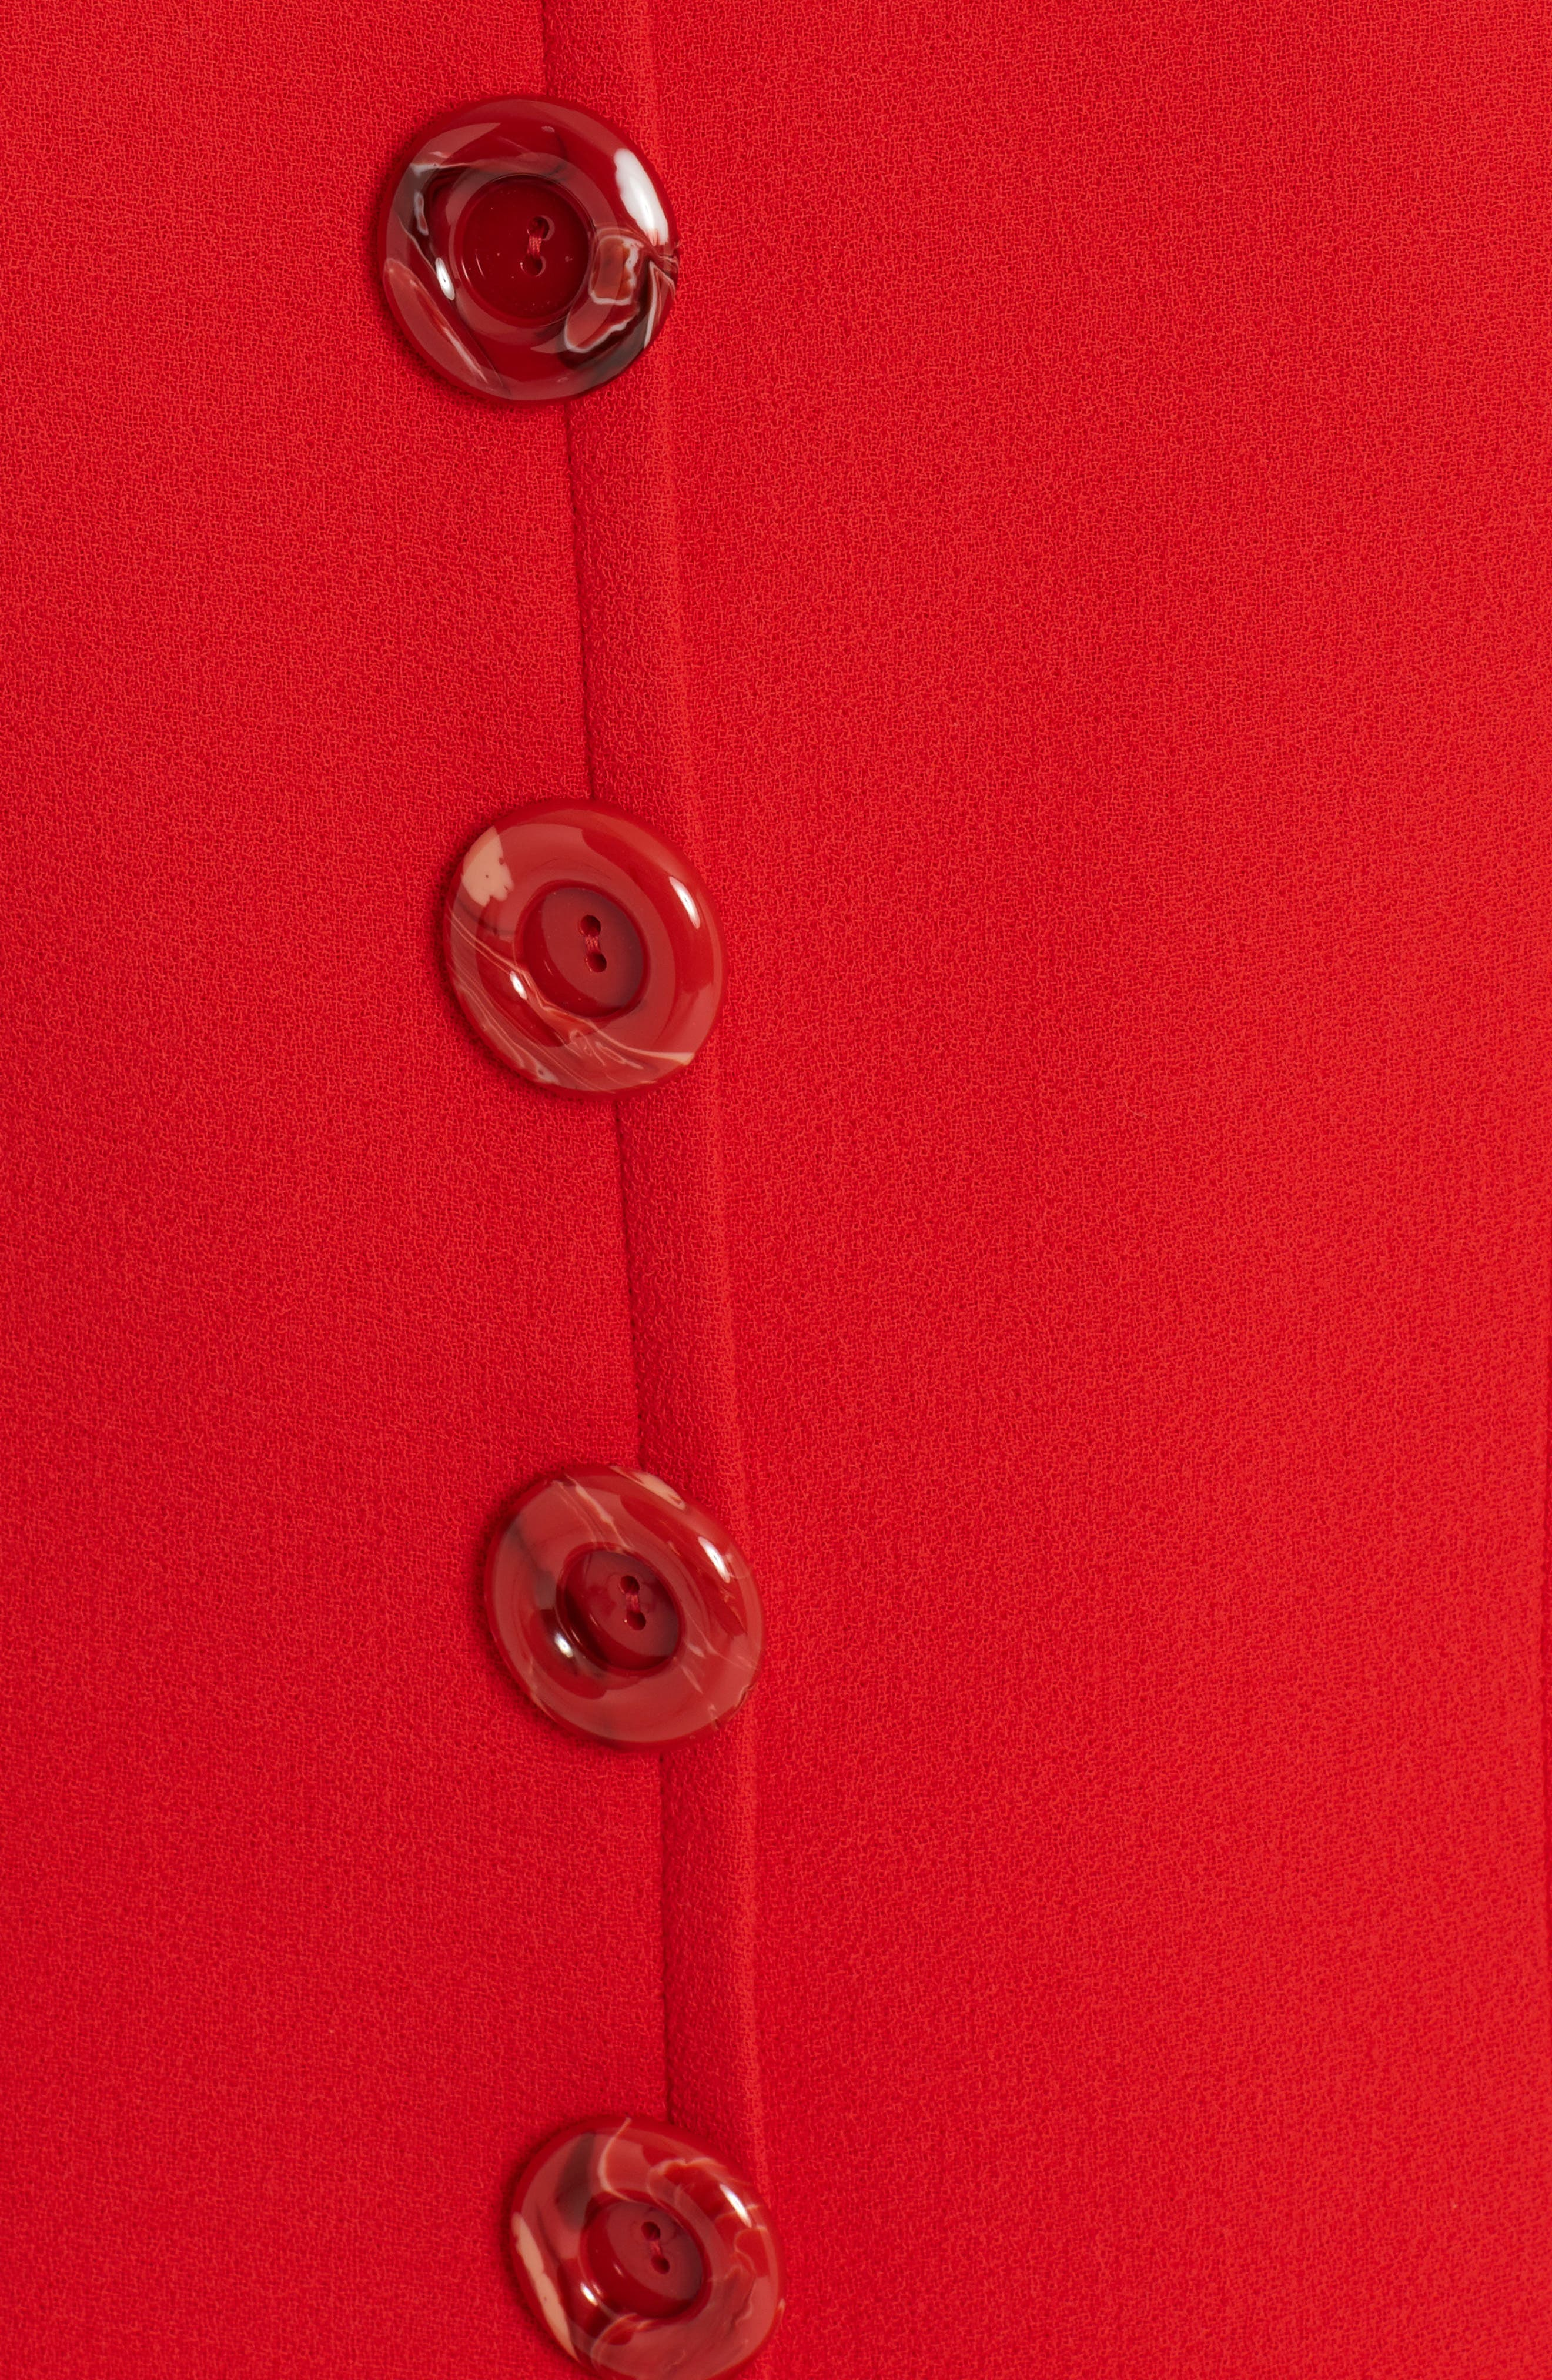 Crepe Shift Dress,                             Alternate thumbnail 6, color,                             620